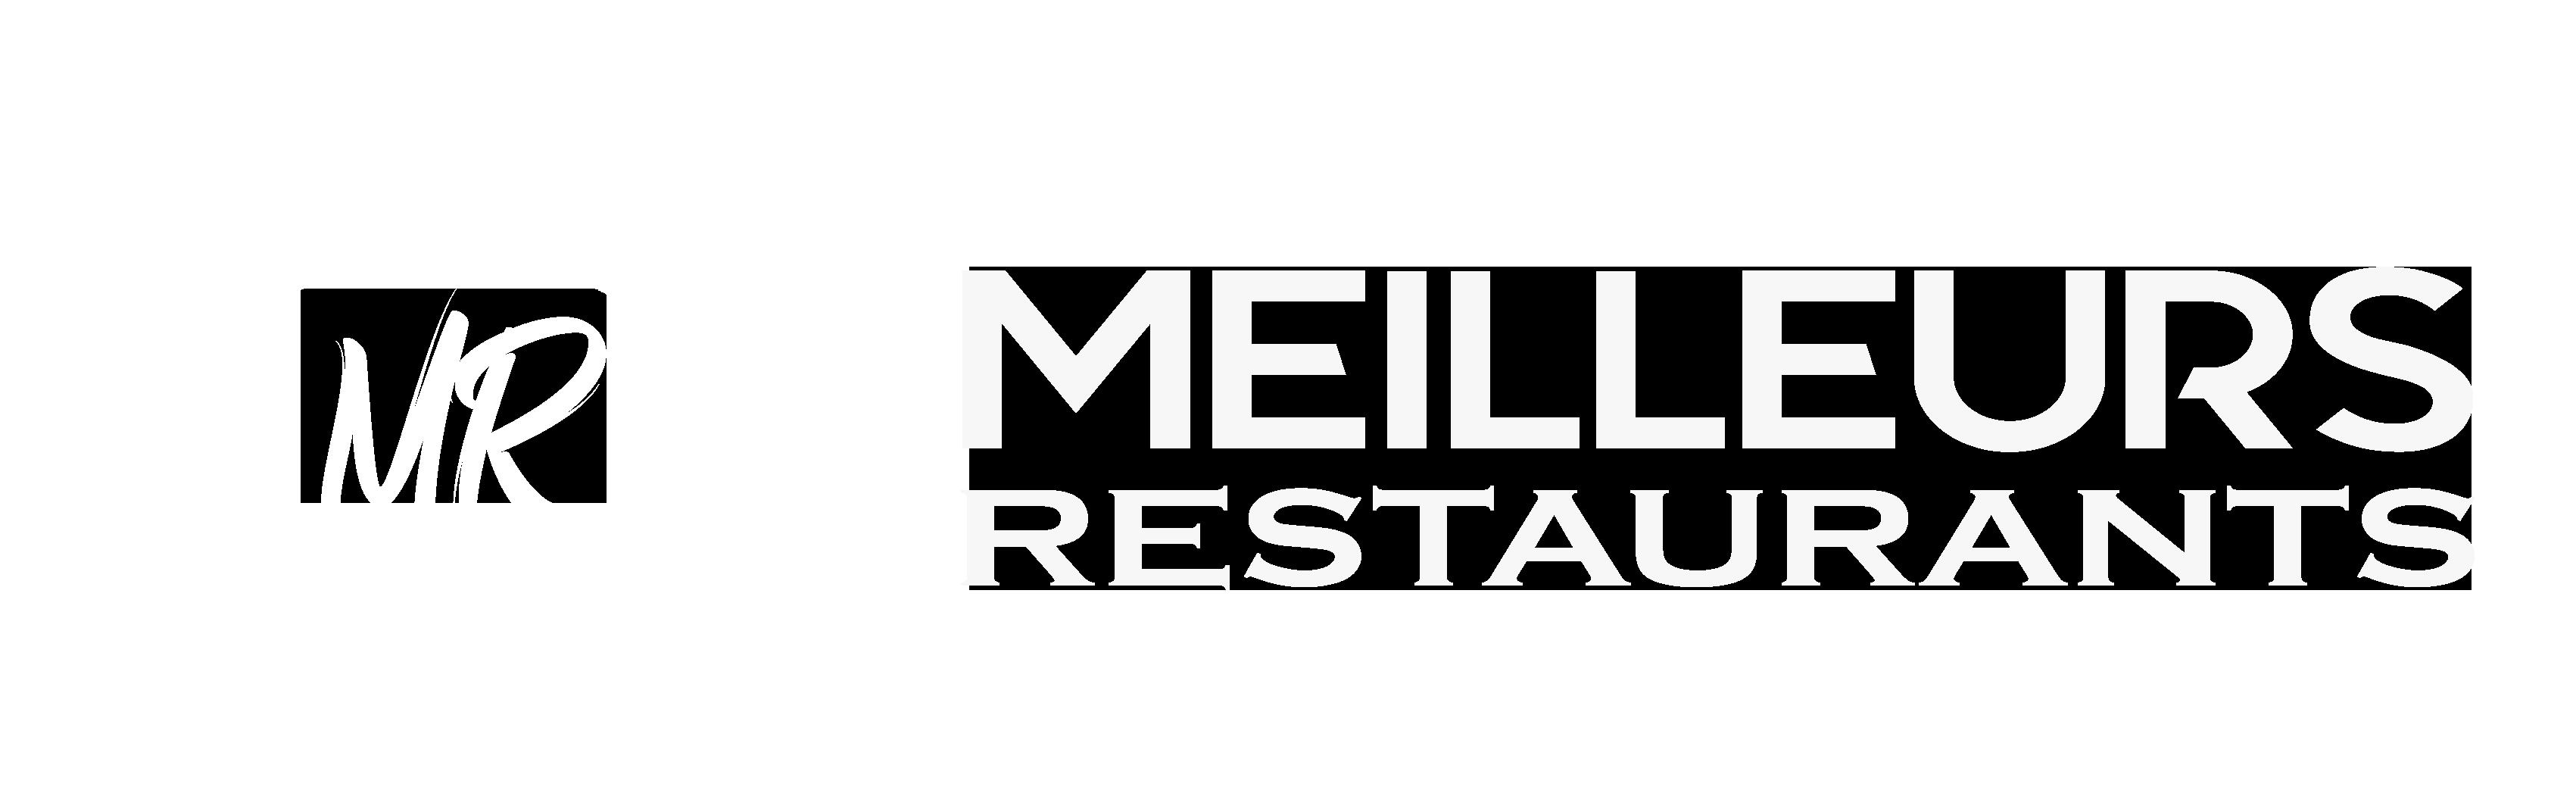 Annuaire des Meilleurs Restaurants